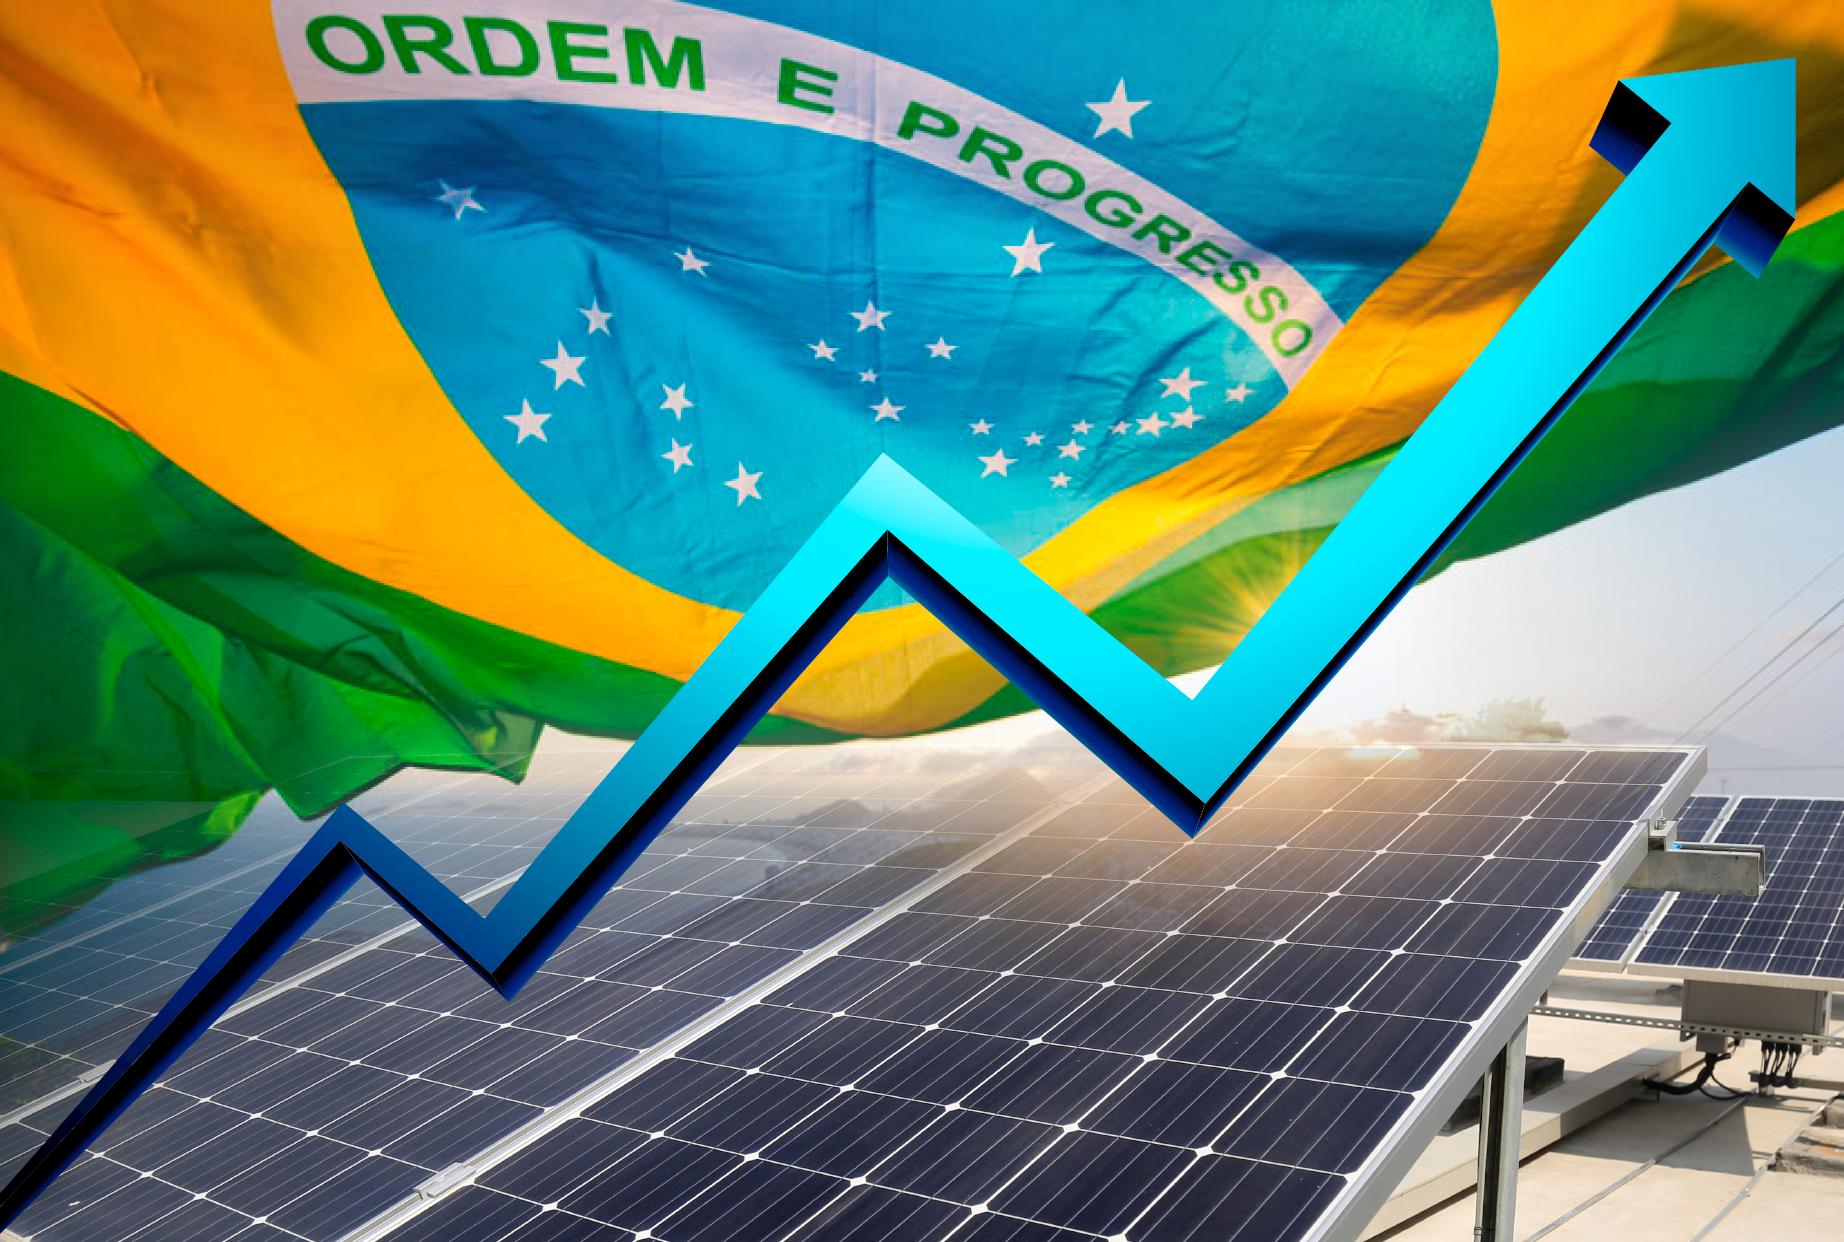 Energia solar - investimentos - geração distribuída